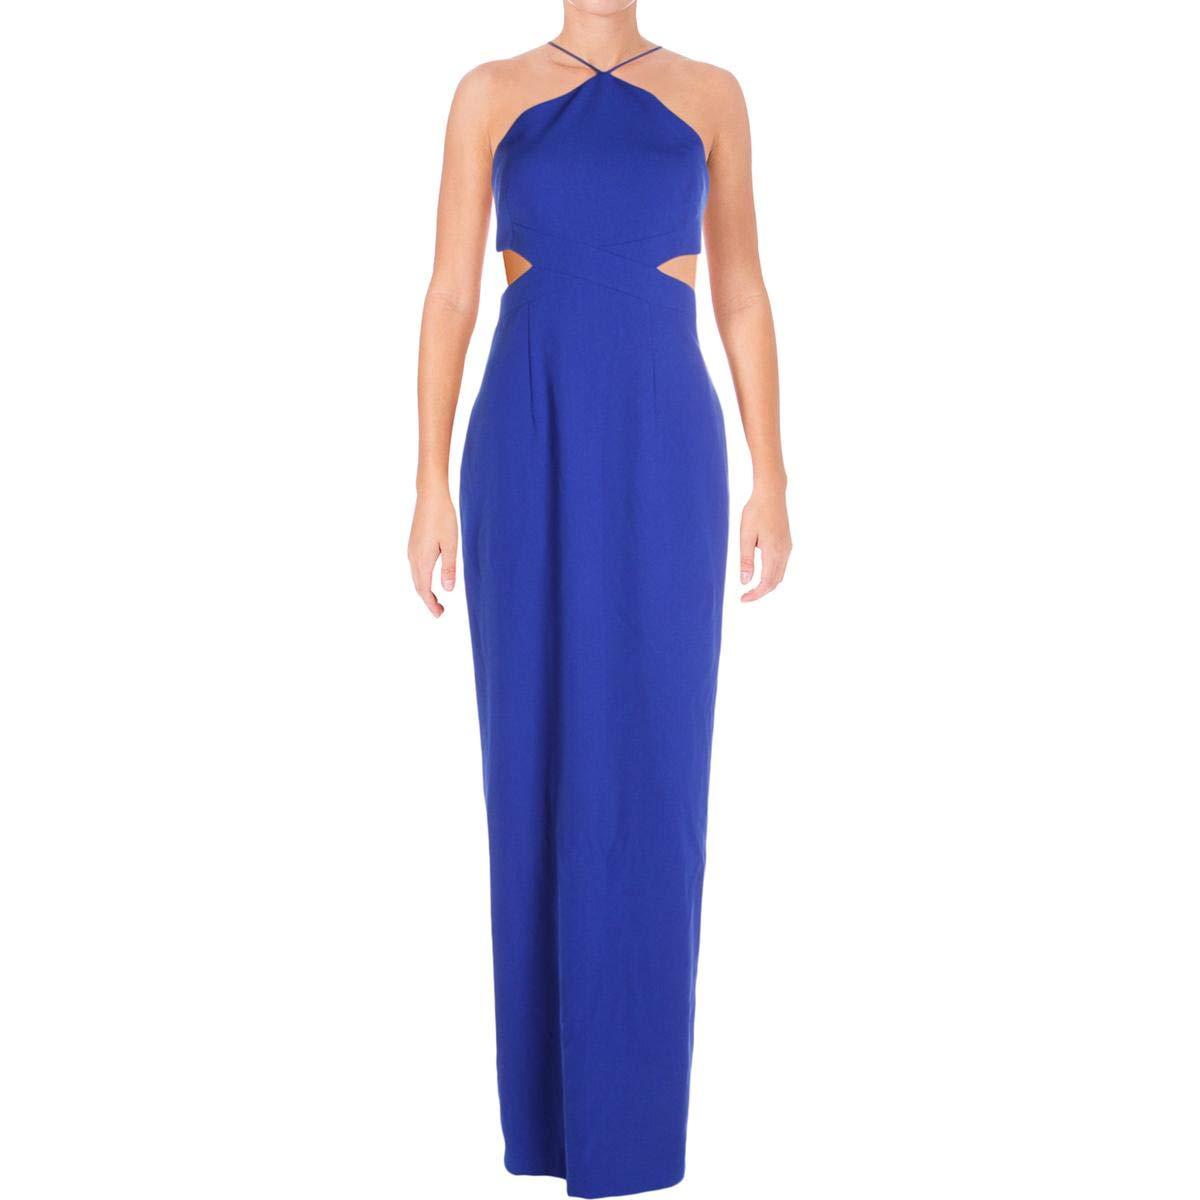 bluee Aidan Mattox Aidan Womens Halter Neckline Formal Evening Dress